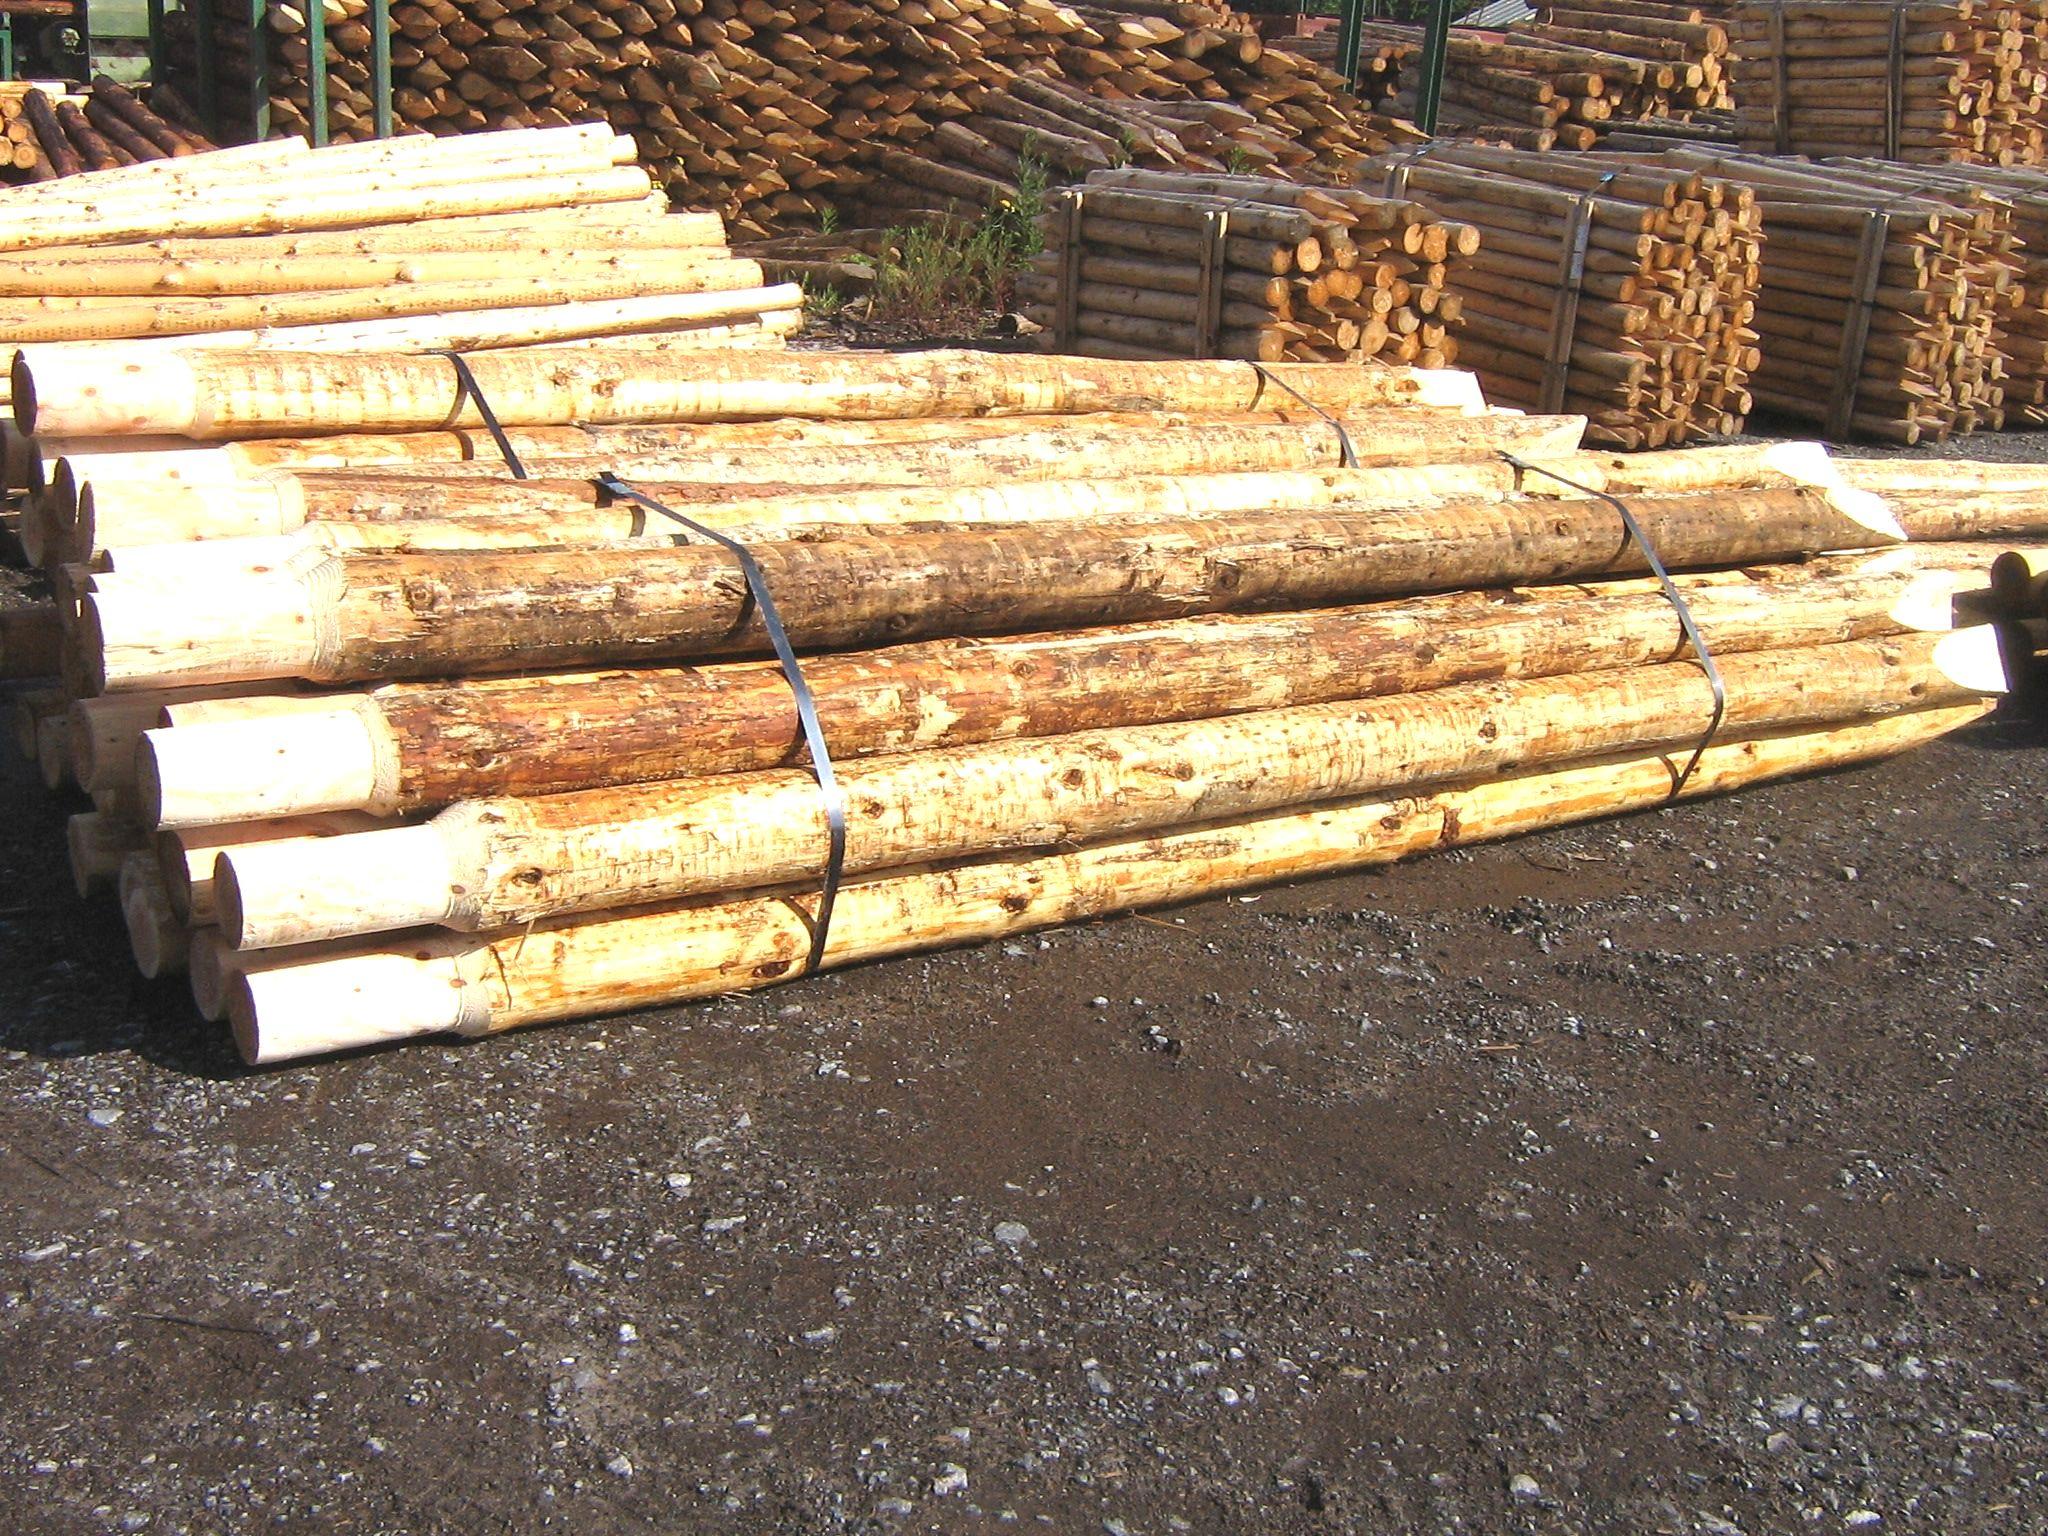 bois de sout nement bois de fondation bois de renforcement de berge bois de travaux d 39 eau. Black Bedroom Furniture Sets. Home Design Ideas